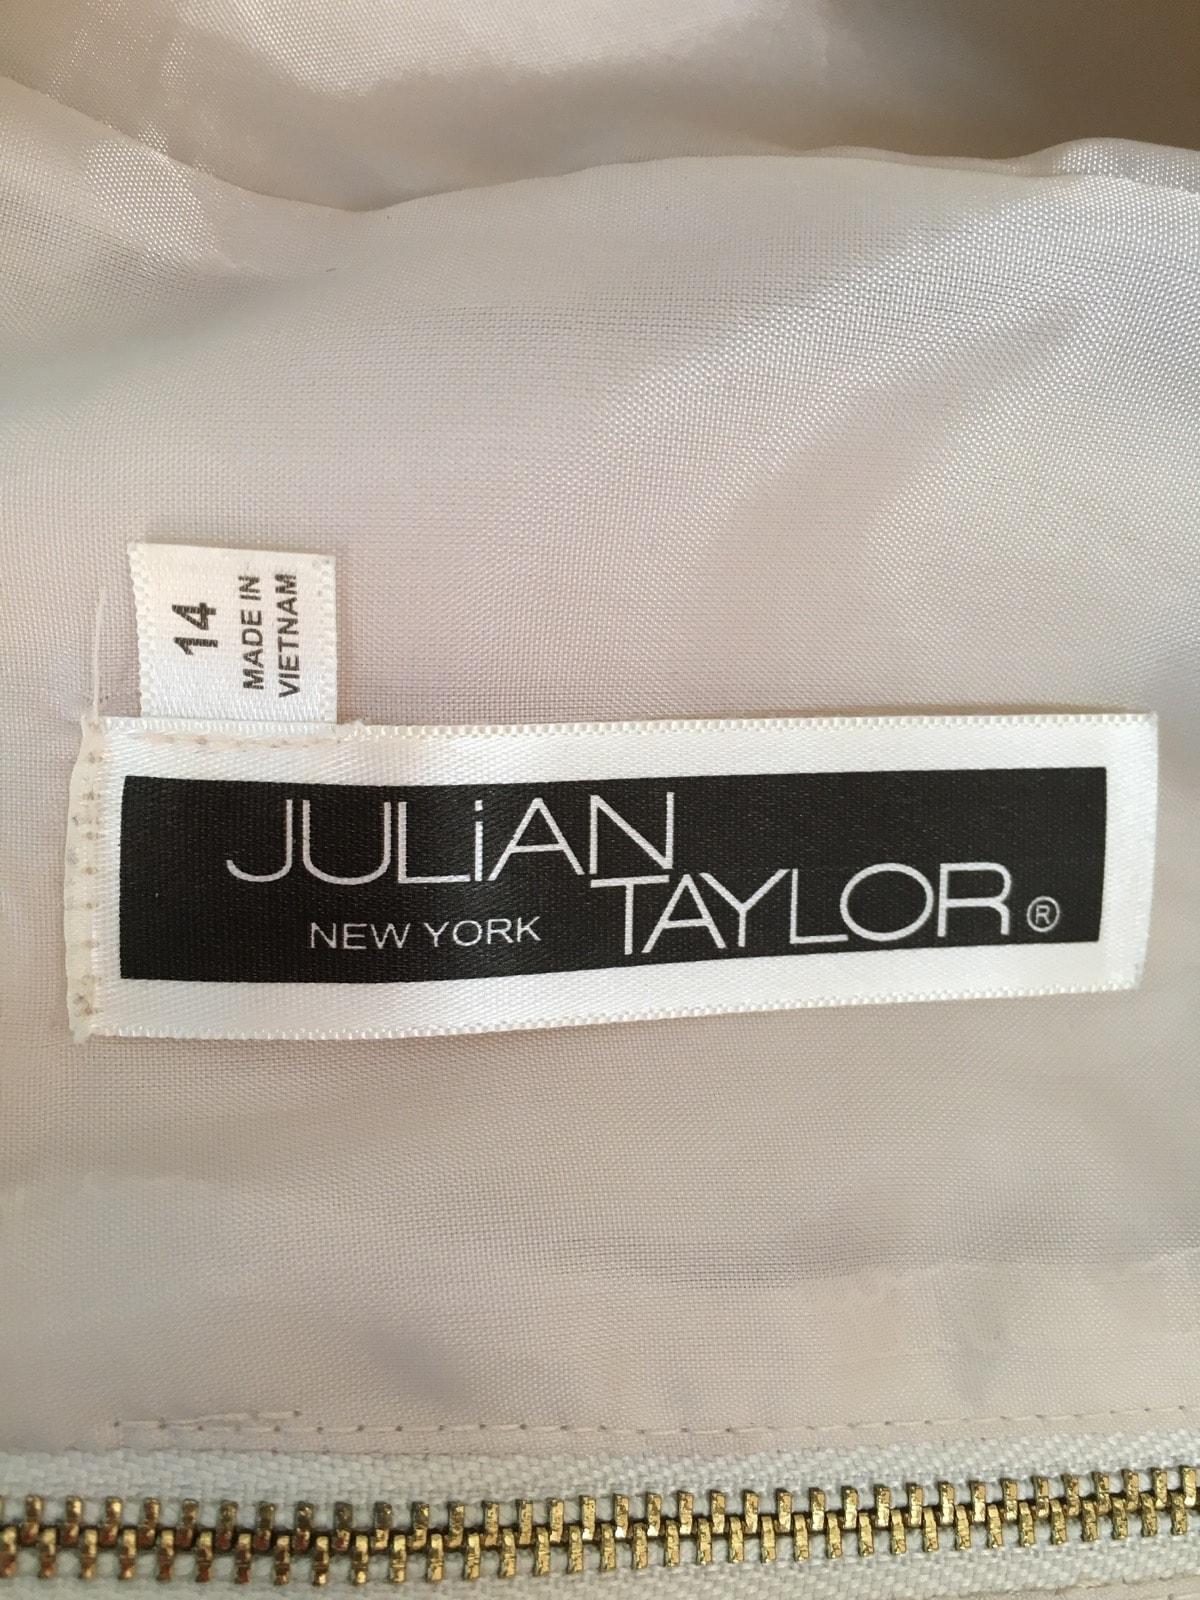 JULIAN TAYLOR(ジュリアンテイラー)のワンピース